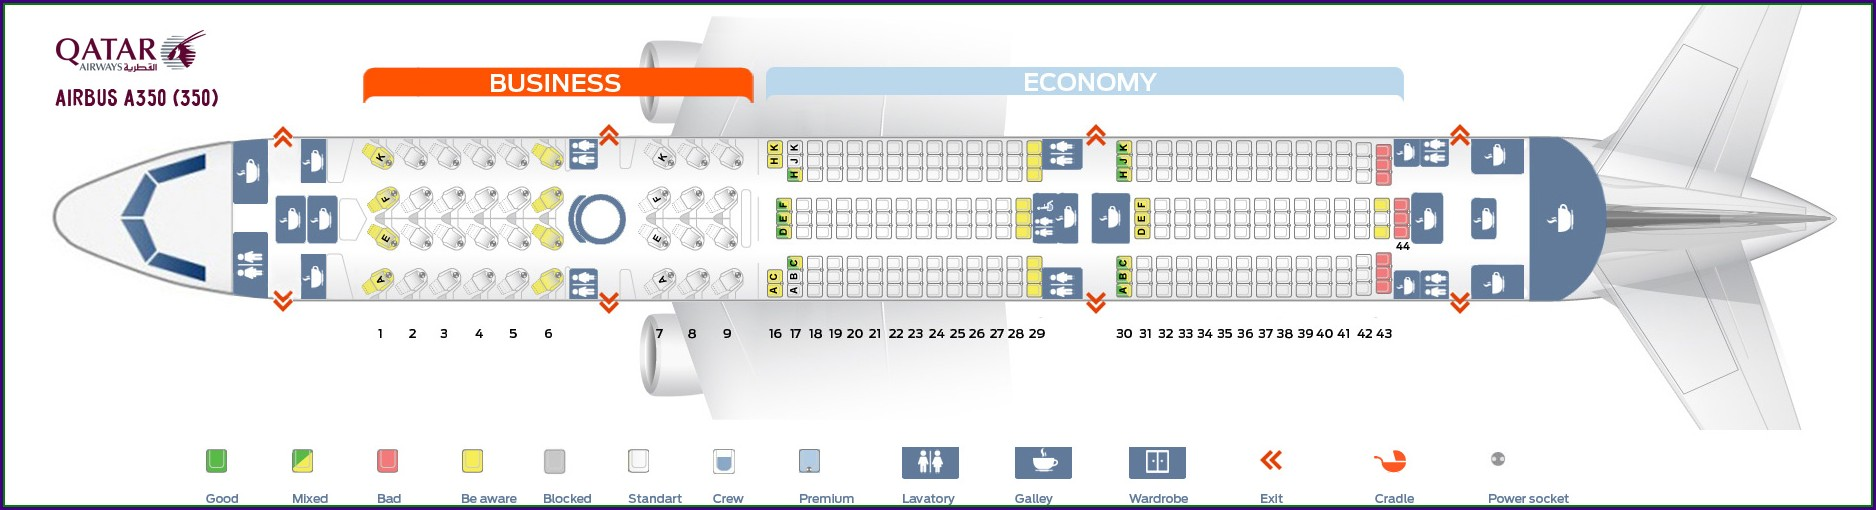 Qatar Airbus Industrie A350 900 Seat Map